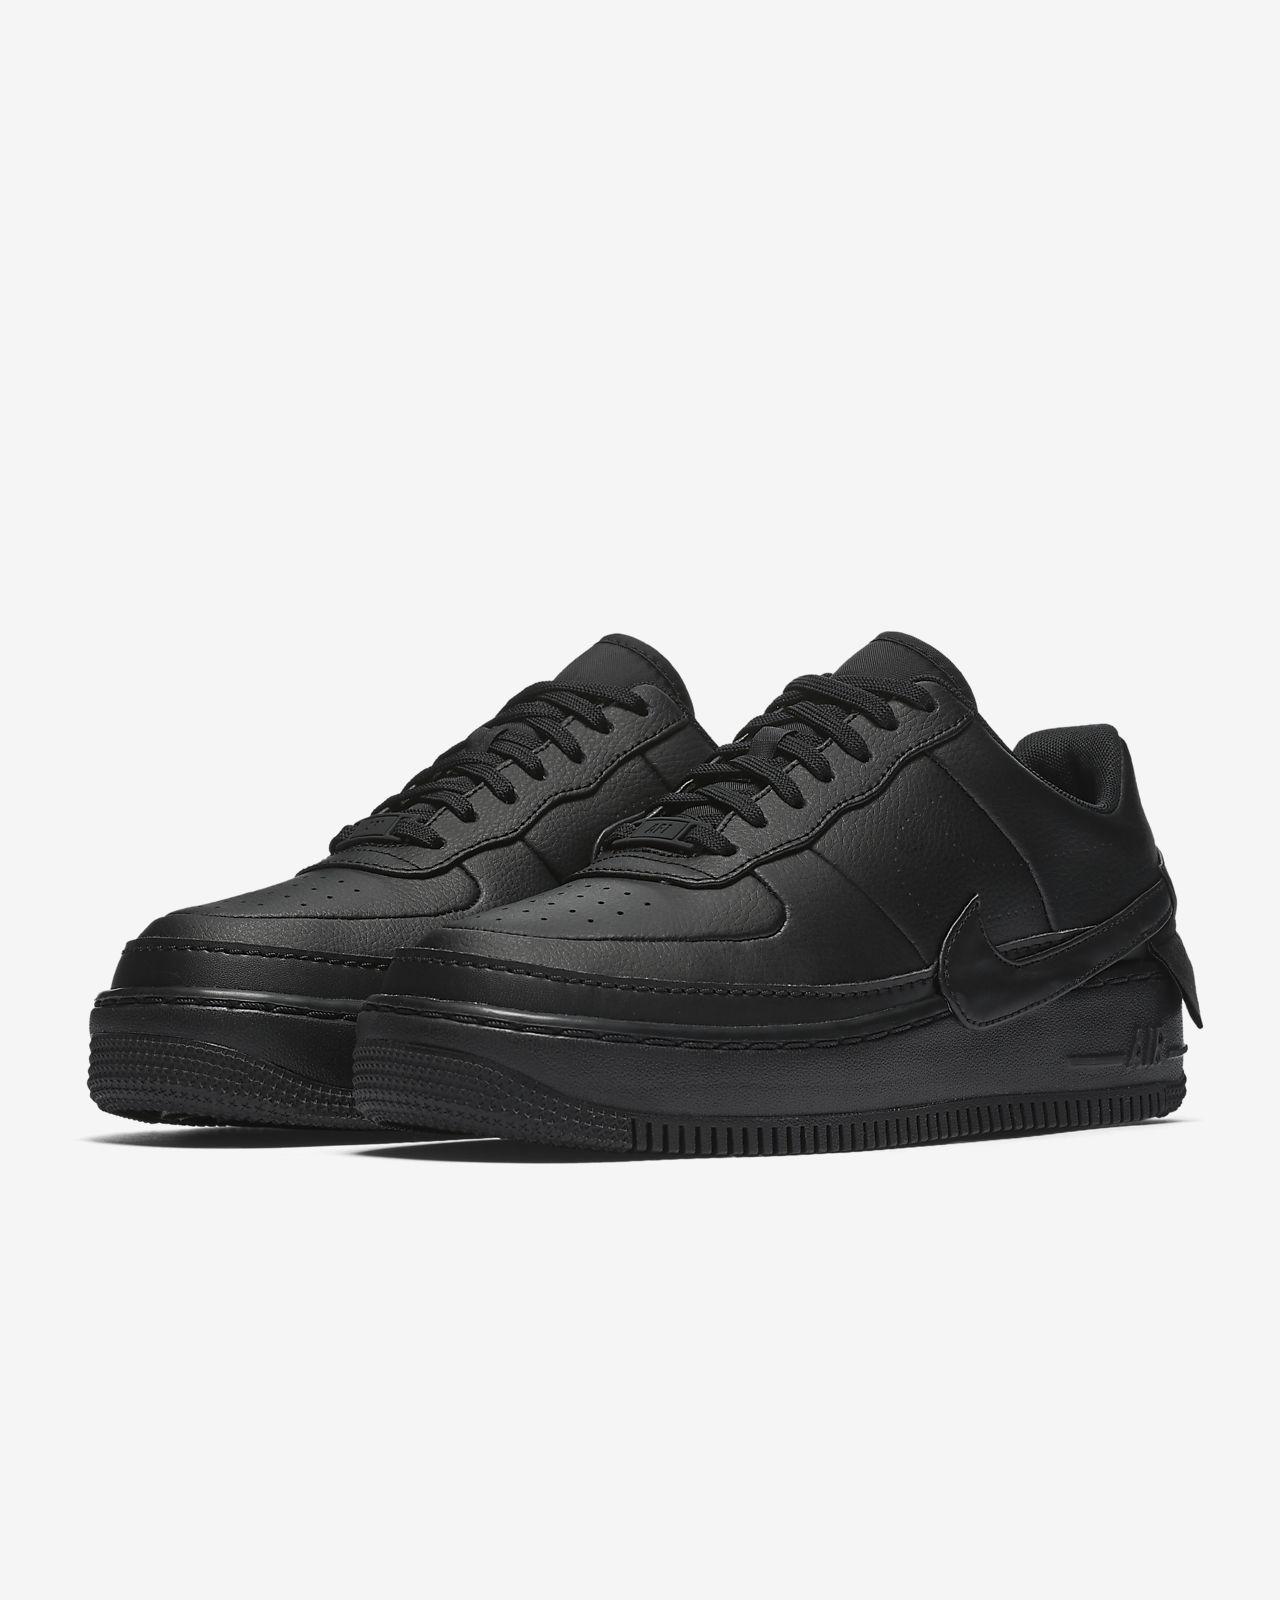 promo code ec4b7 ff437 ... Sko Nike Air Force 1 Jester XX